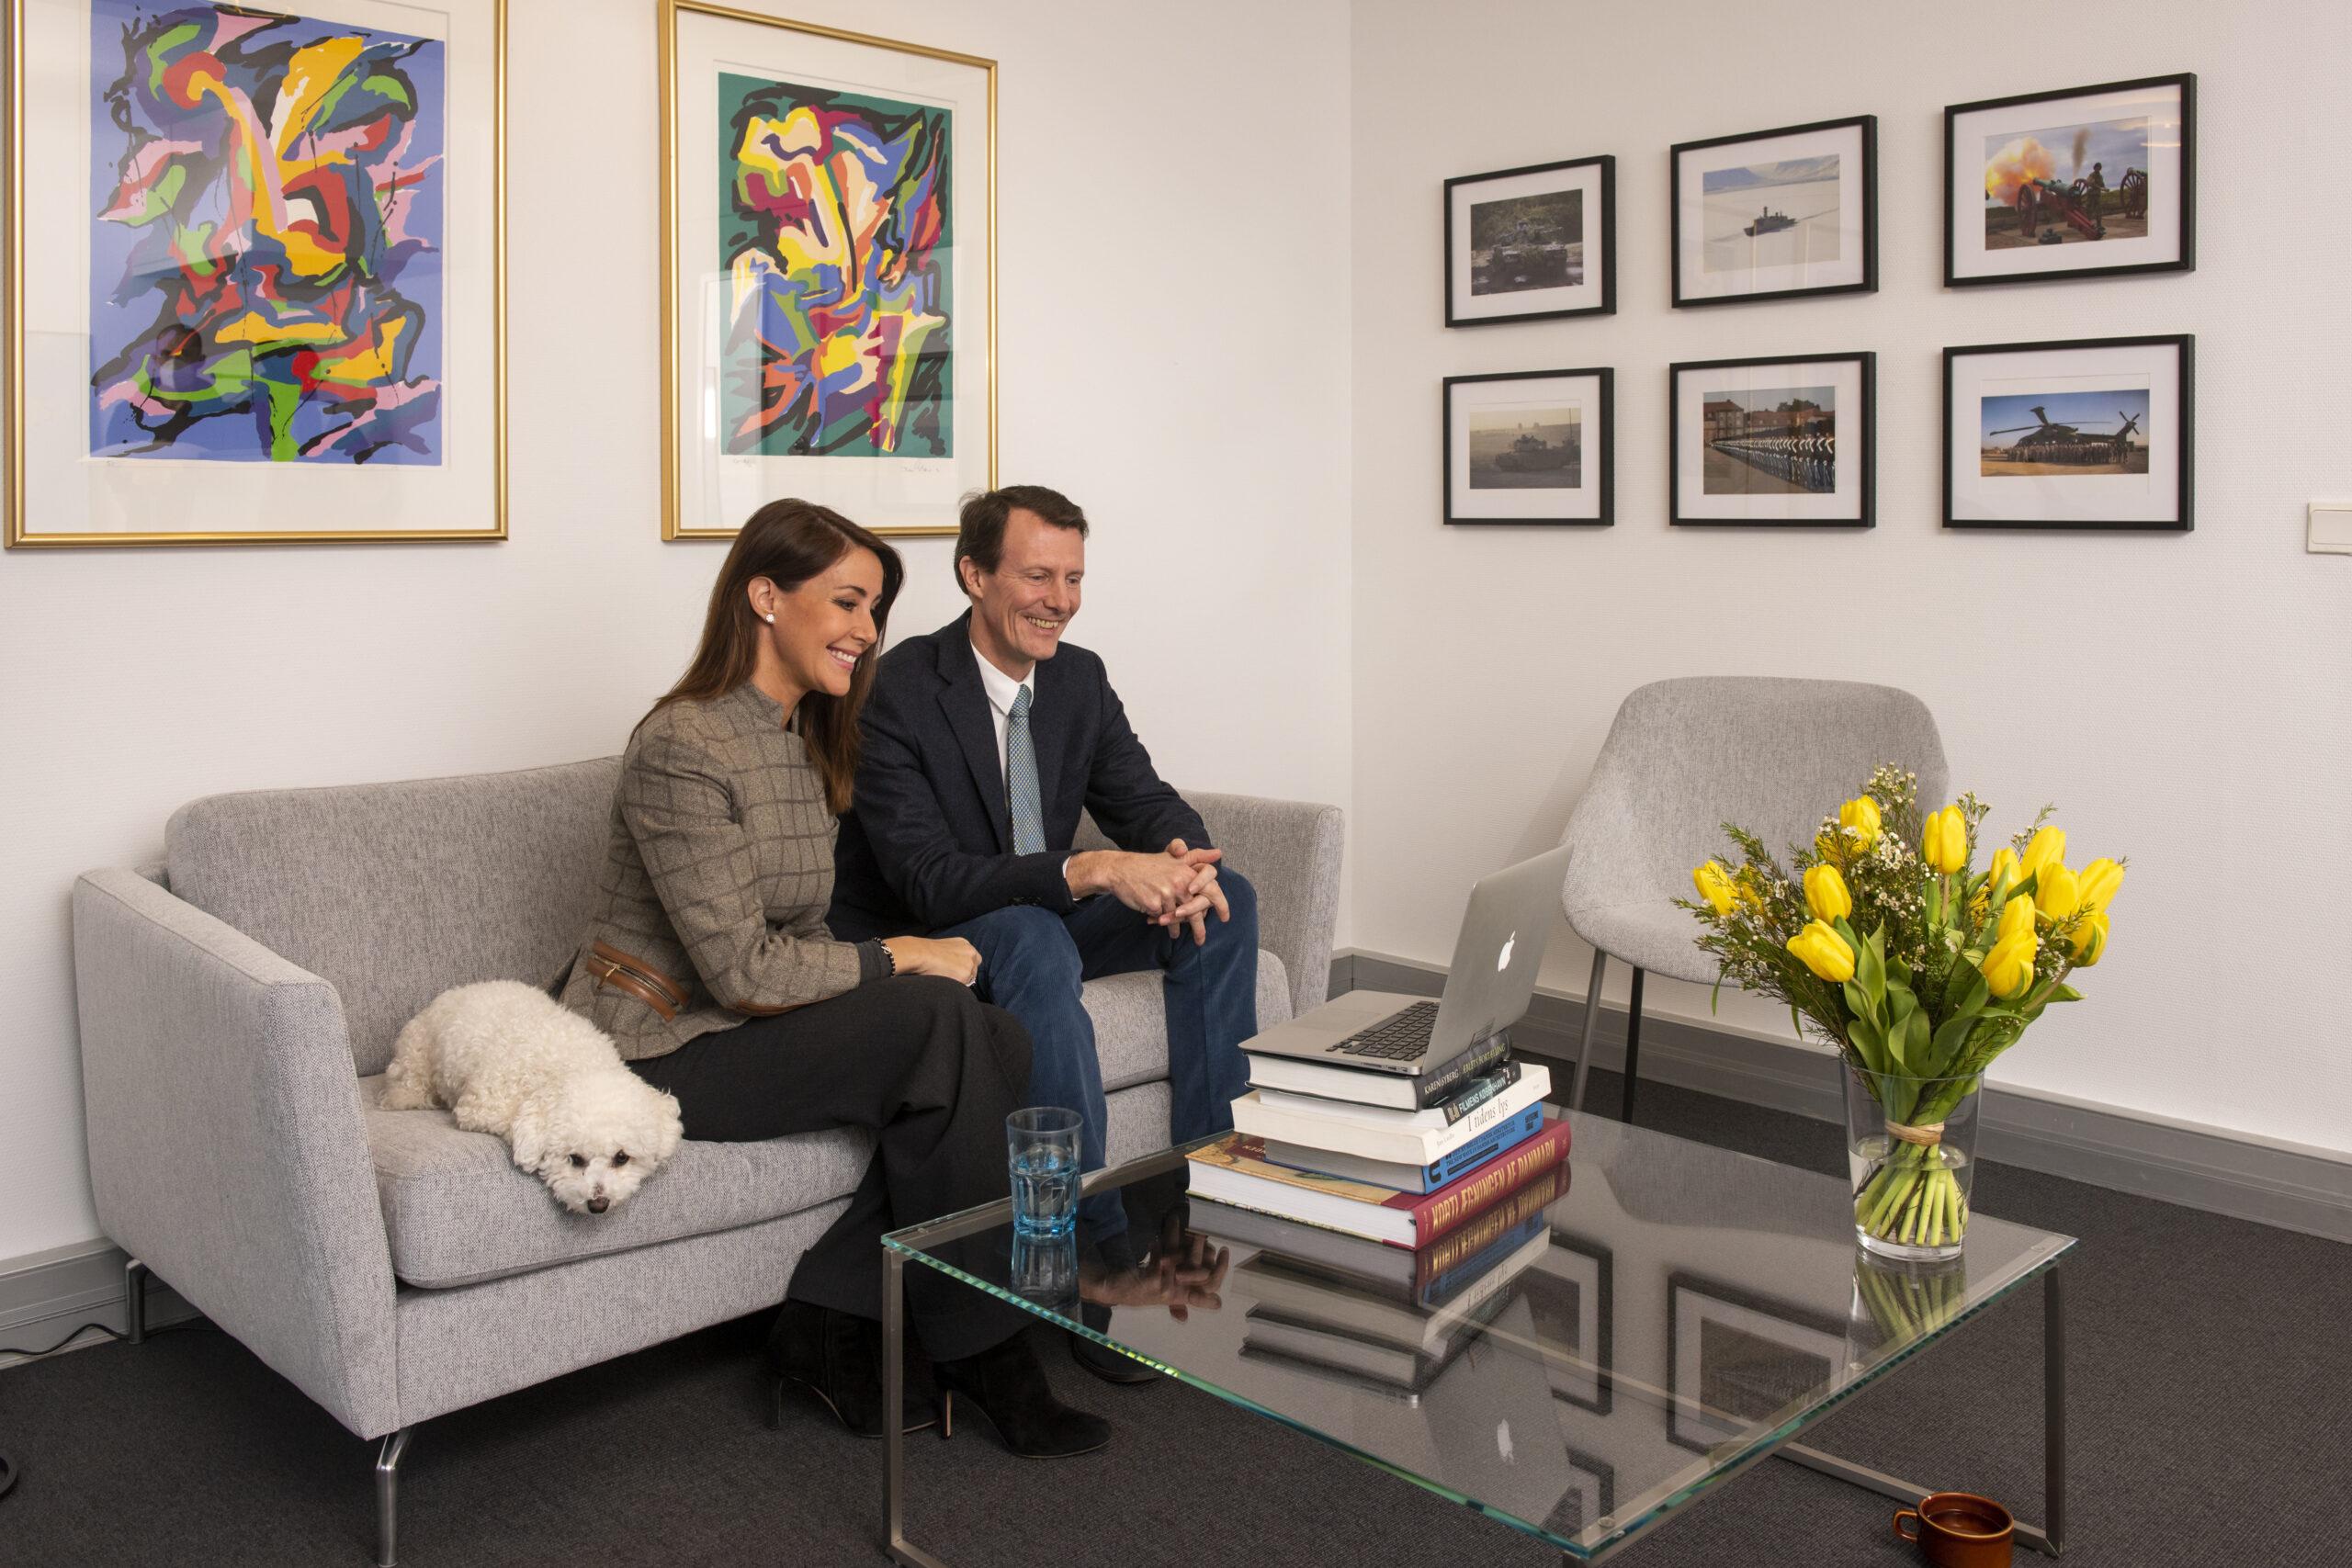 Hjernesagen interview med Prins Joachim og Prinsesse Marie stroke blodprop